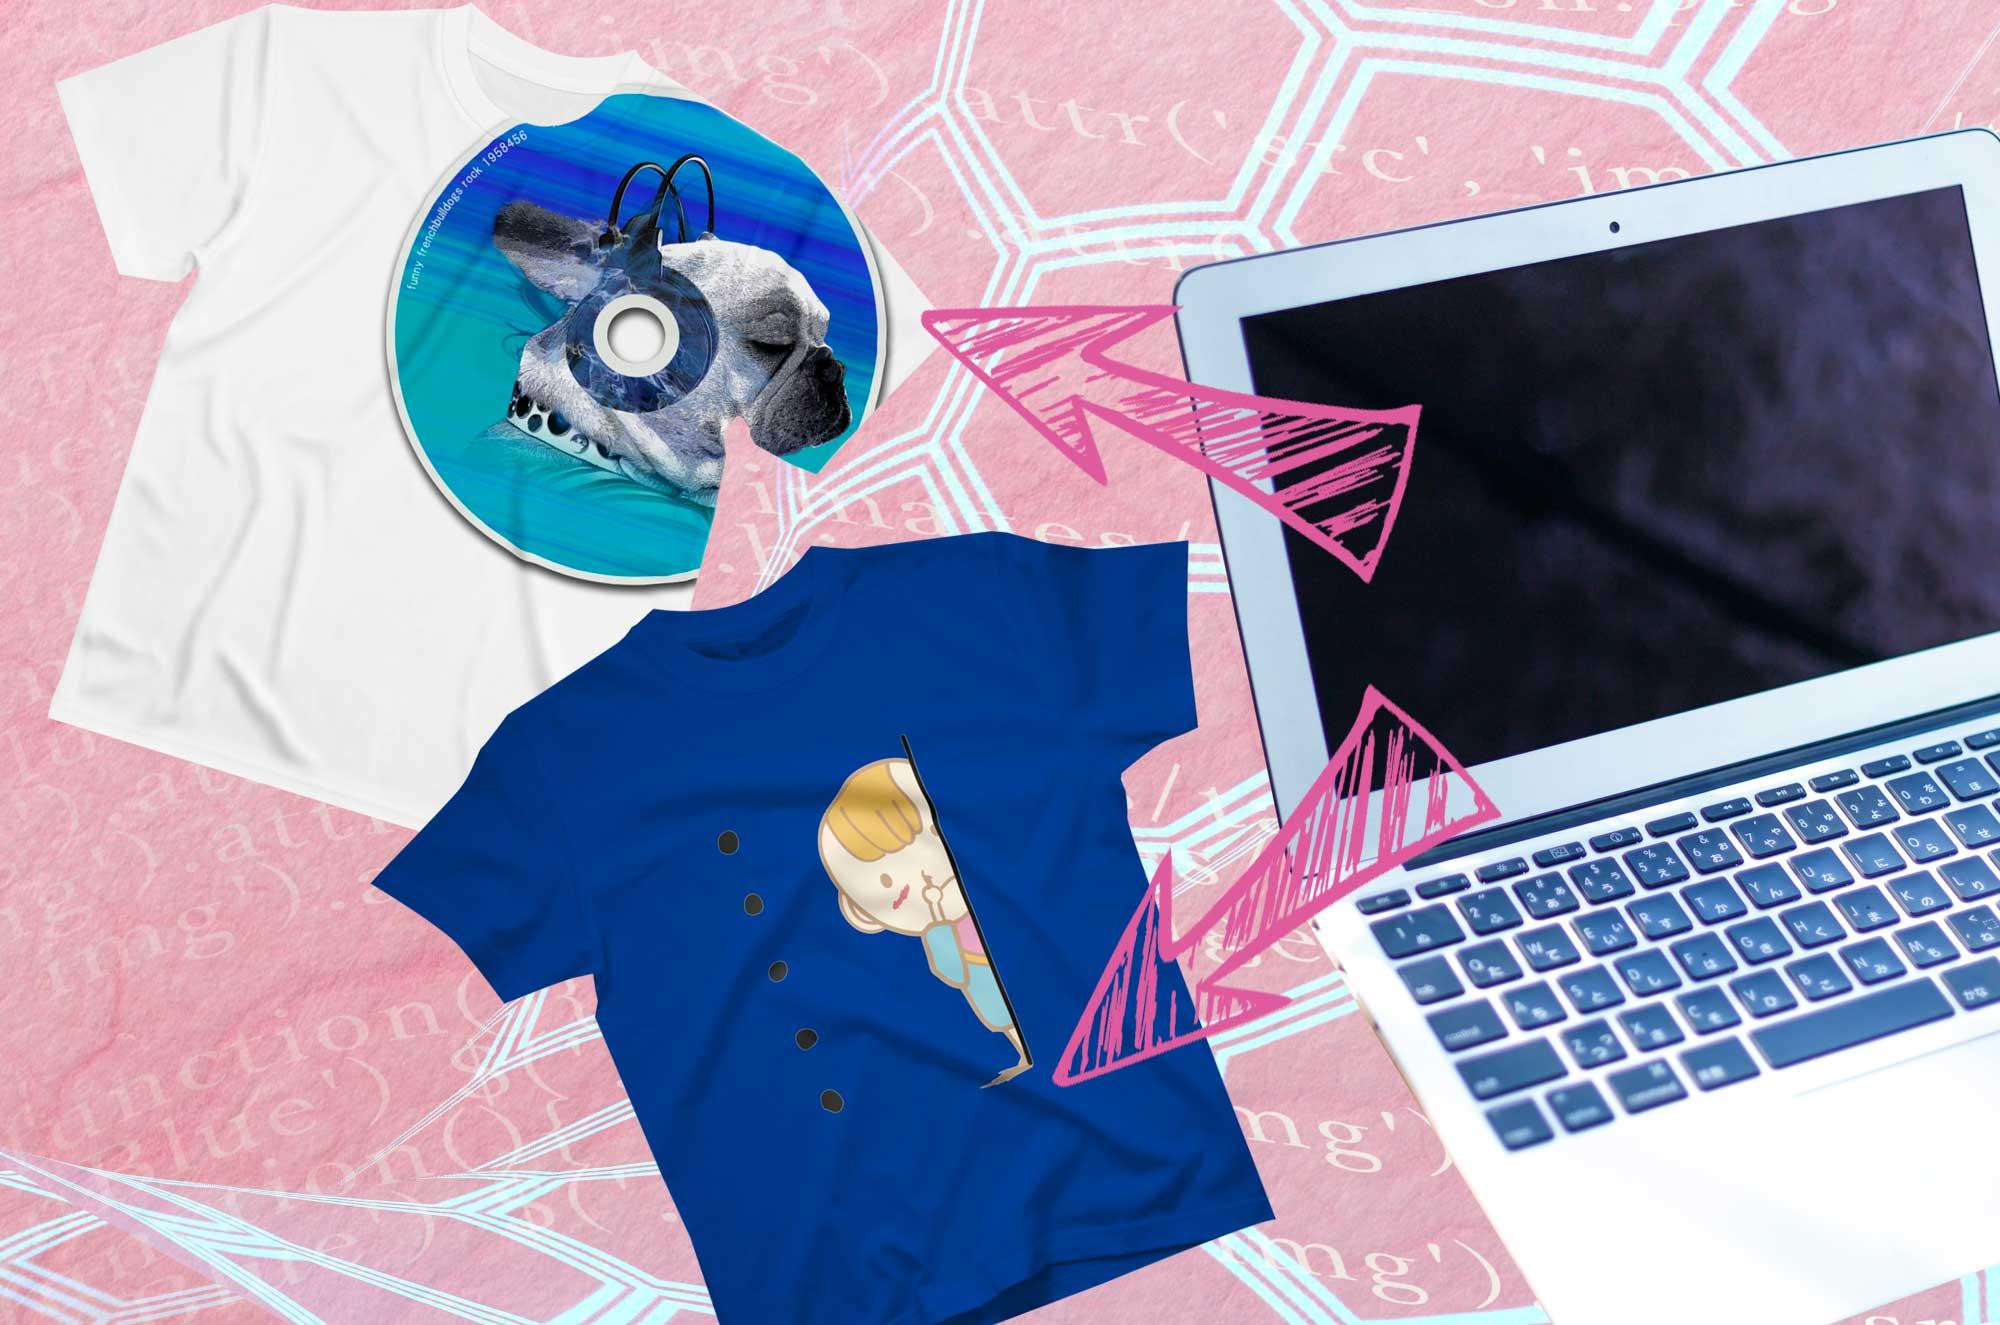 オリジナルTシャツが一枚から誰でも簡単に作れるサイト8選